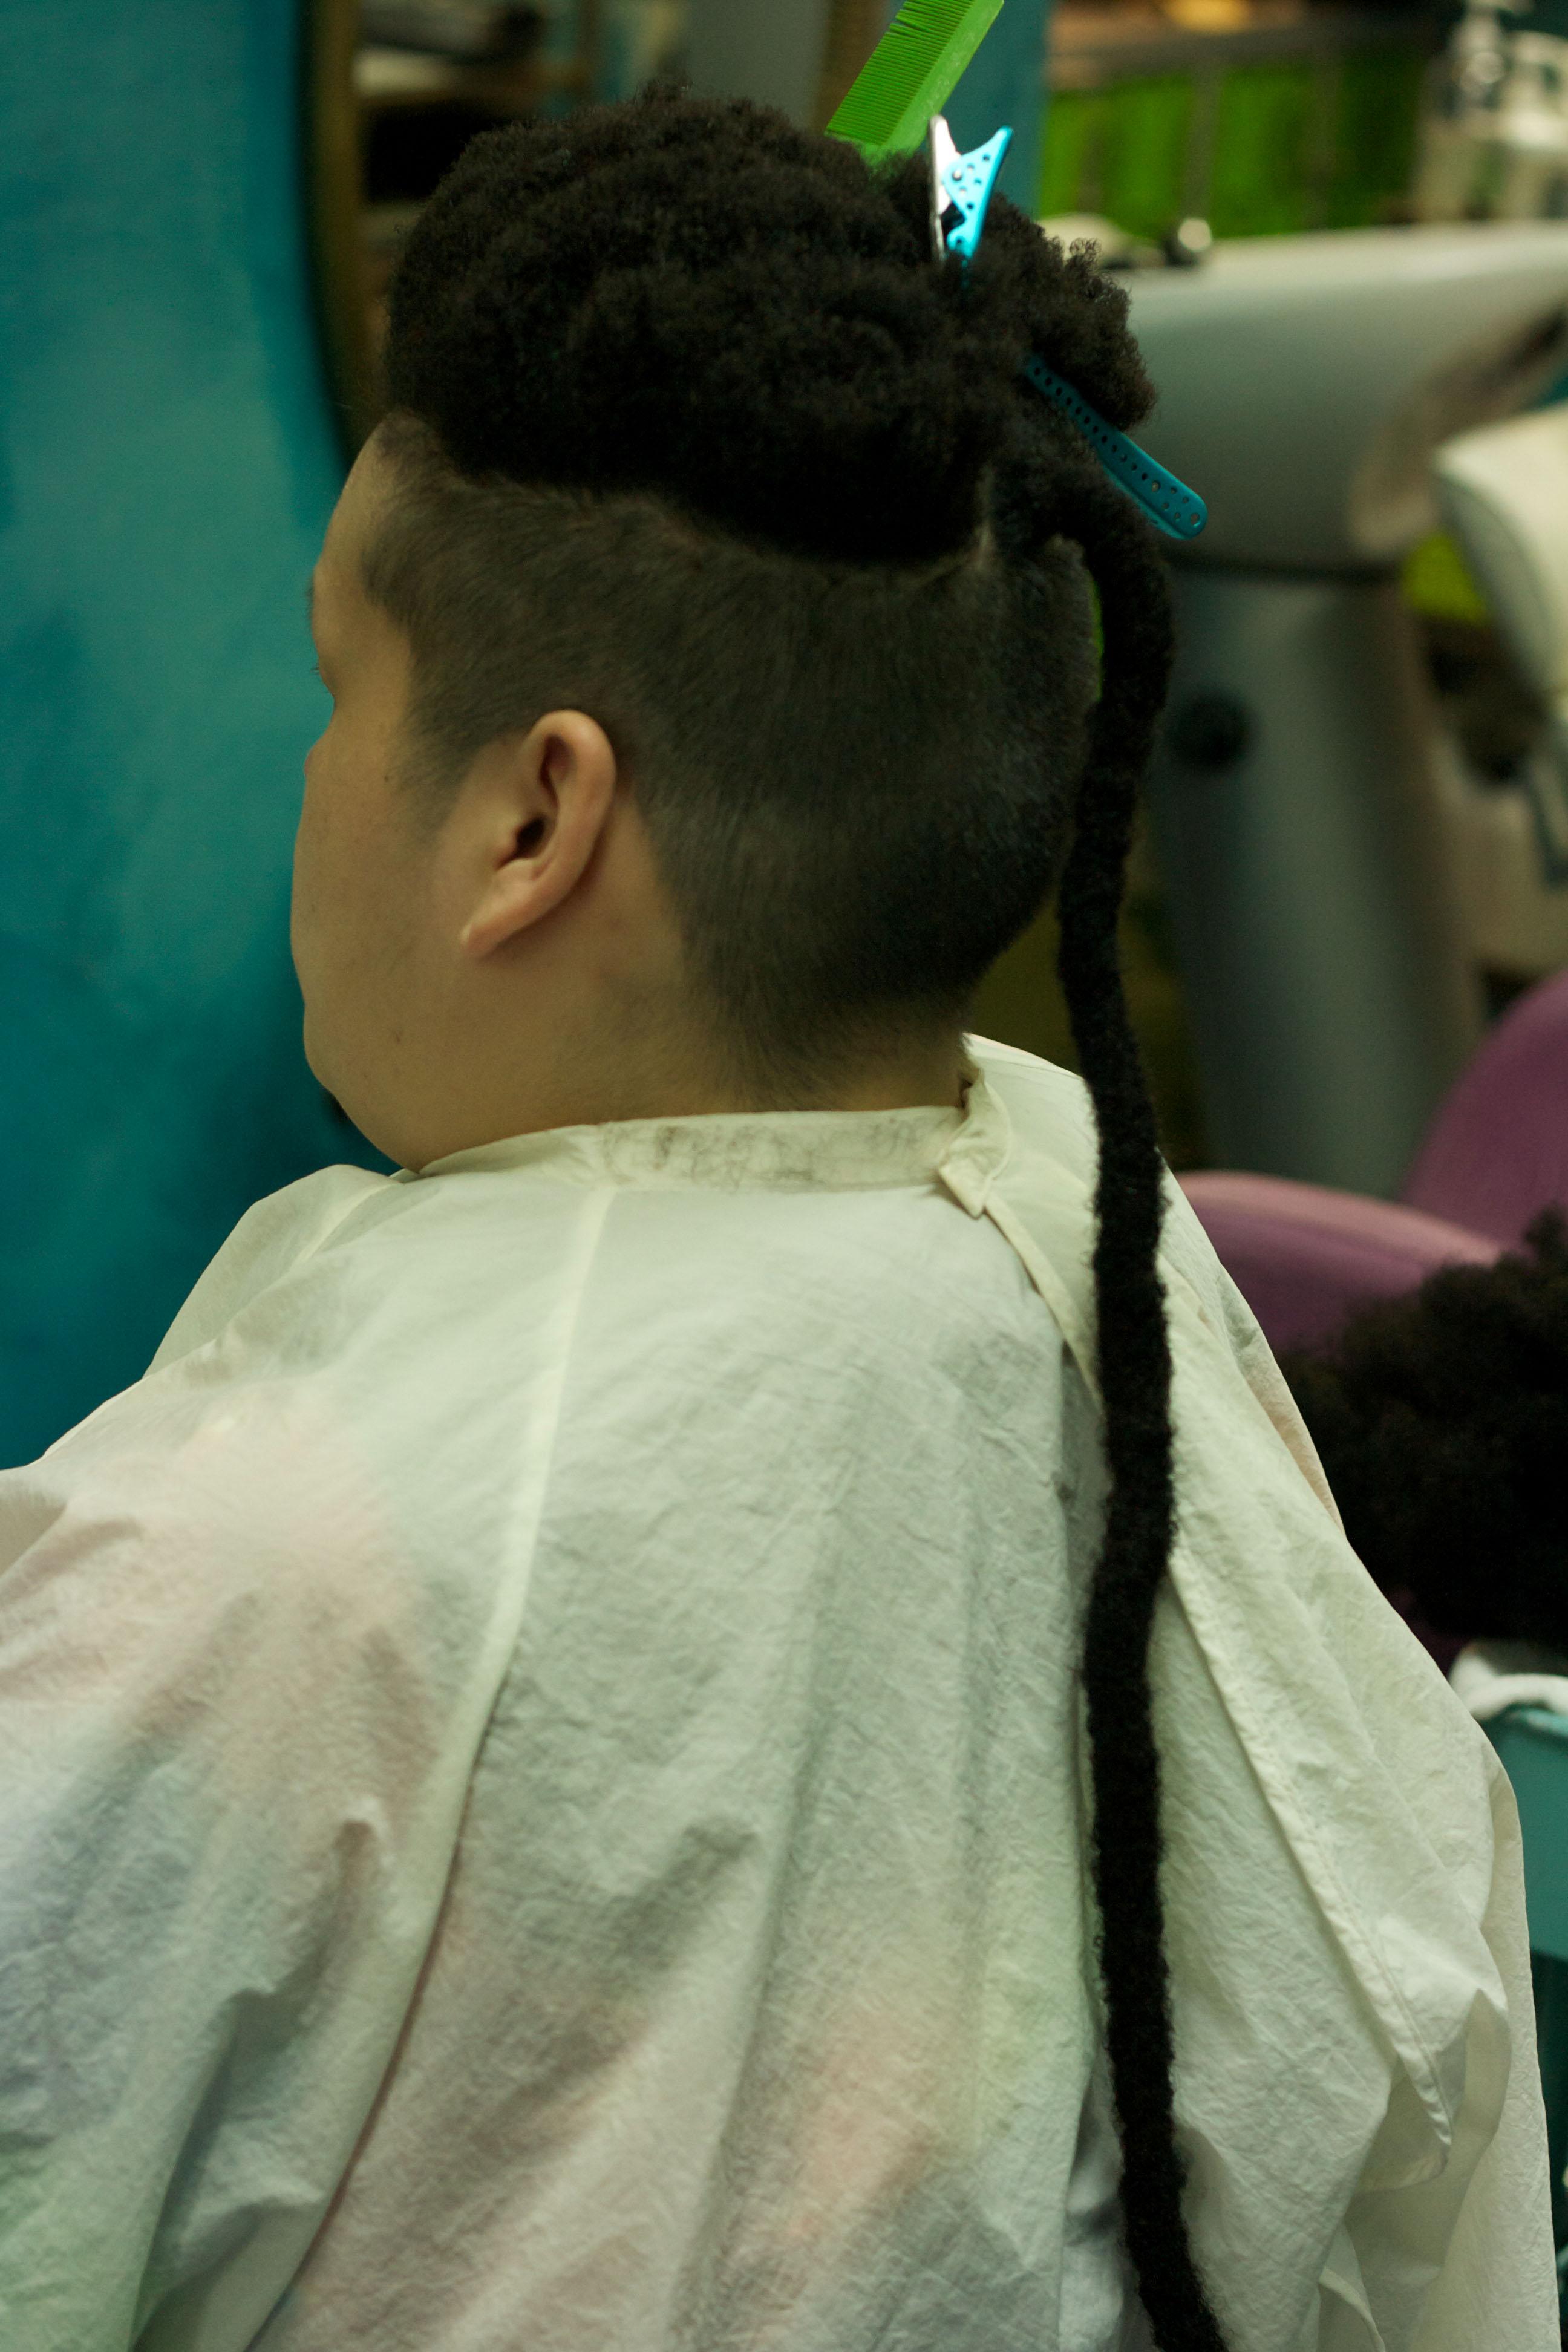 髪は短いけどボブマーリーのドレッドを完コピ出来るのか?